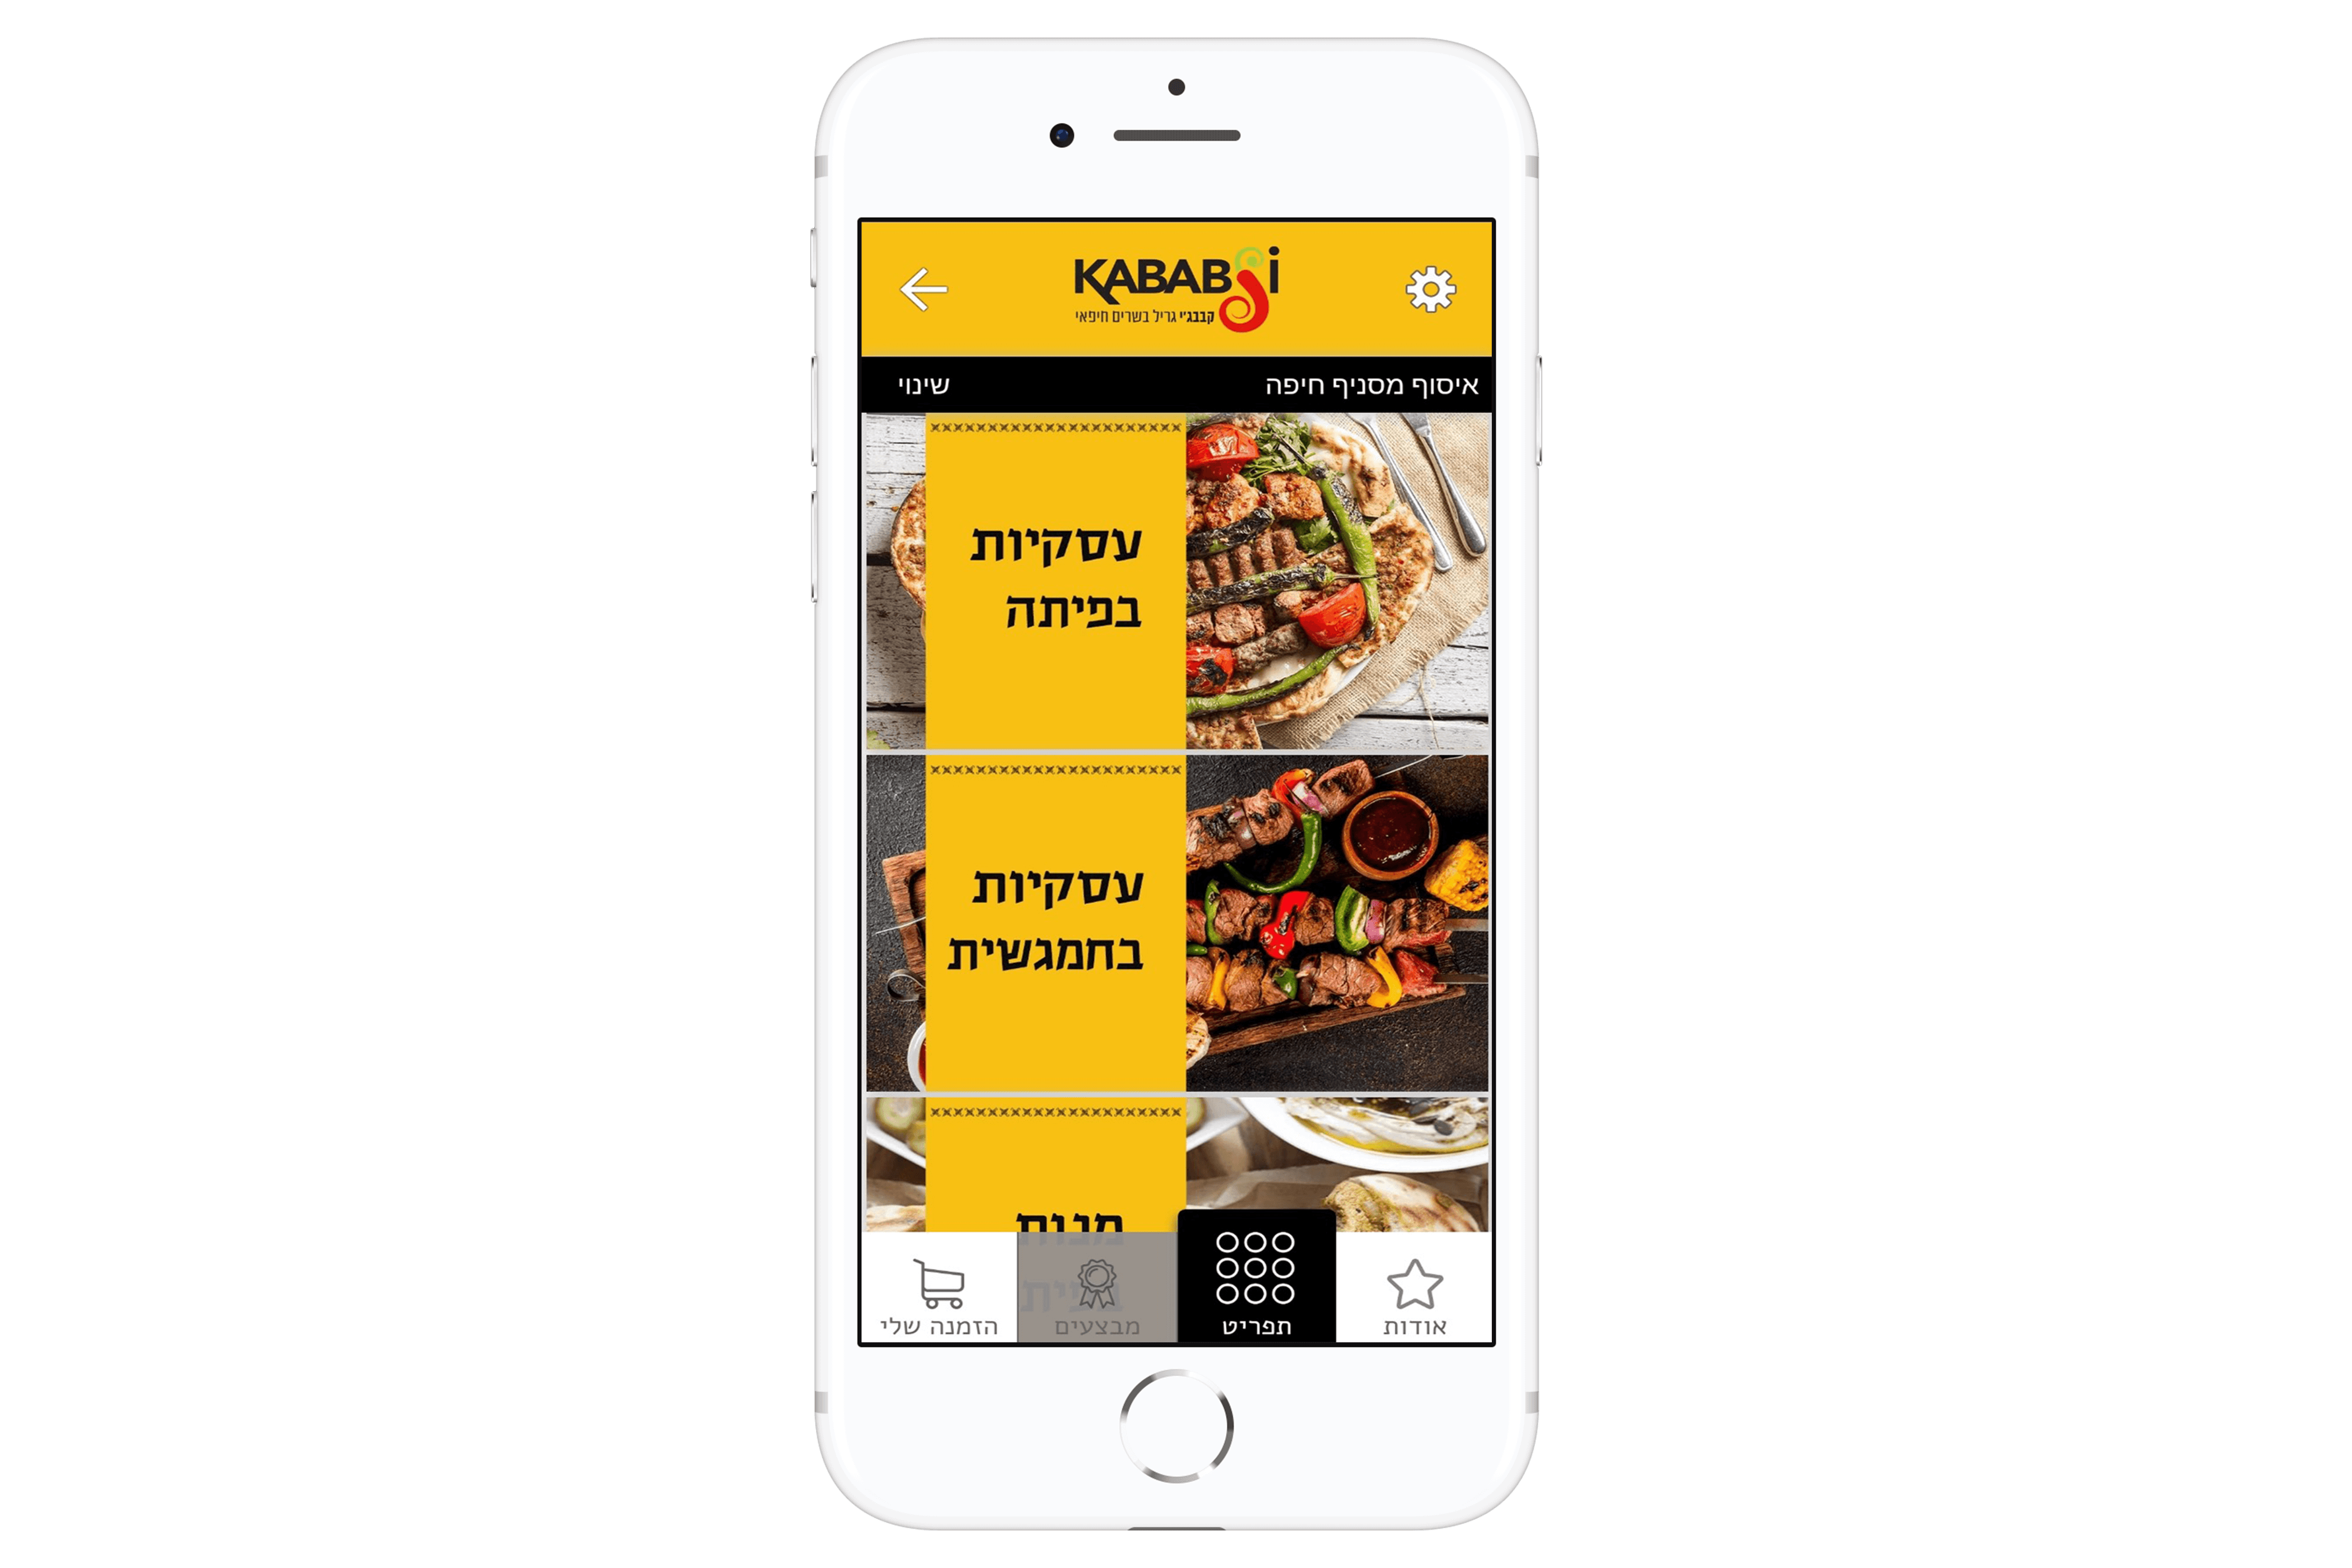 אפליקציית הזמנות של קבבג'י מבין הלקוחות שלנו